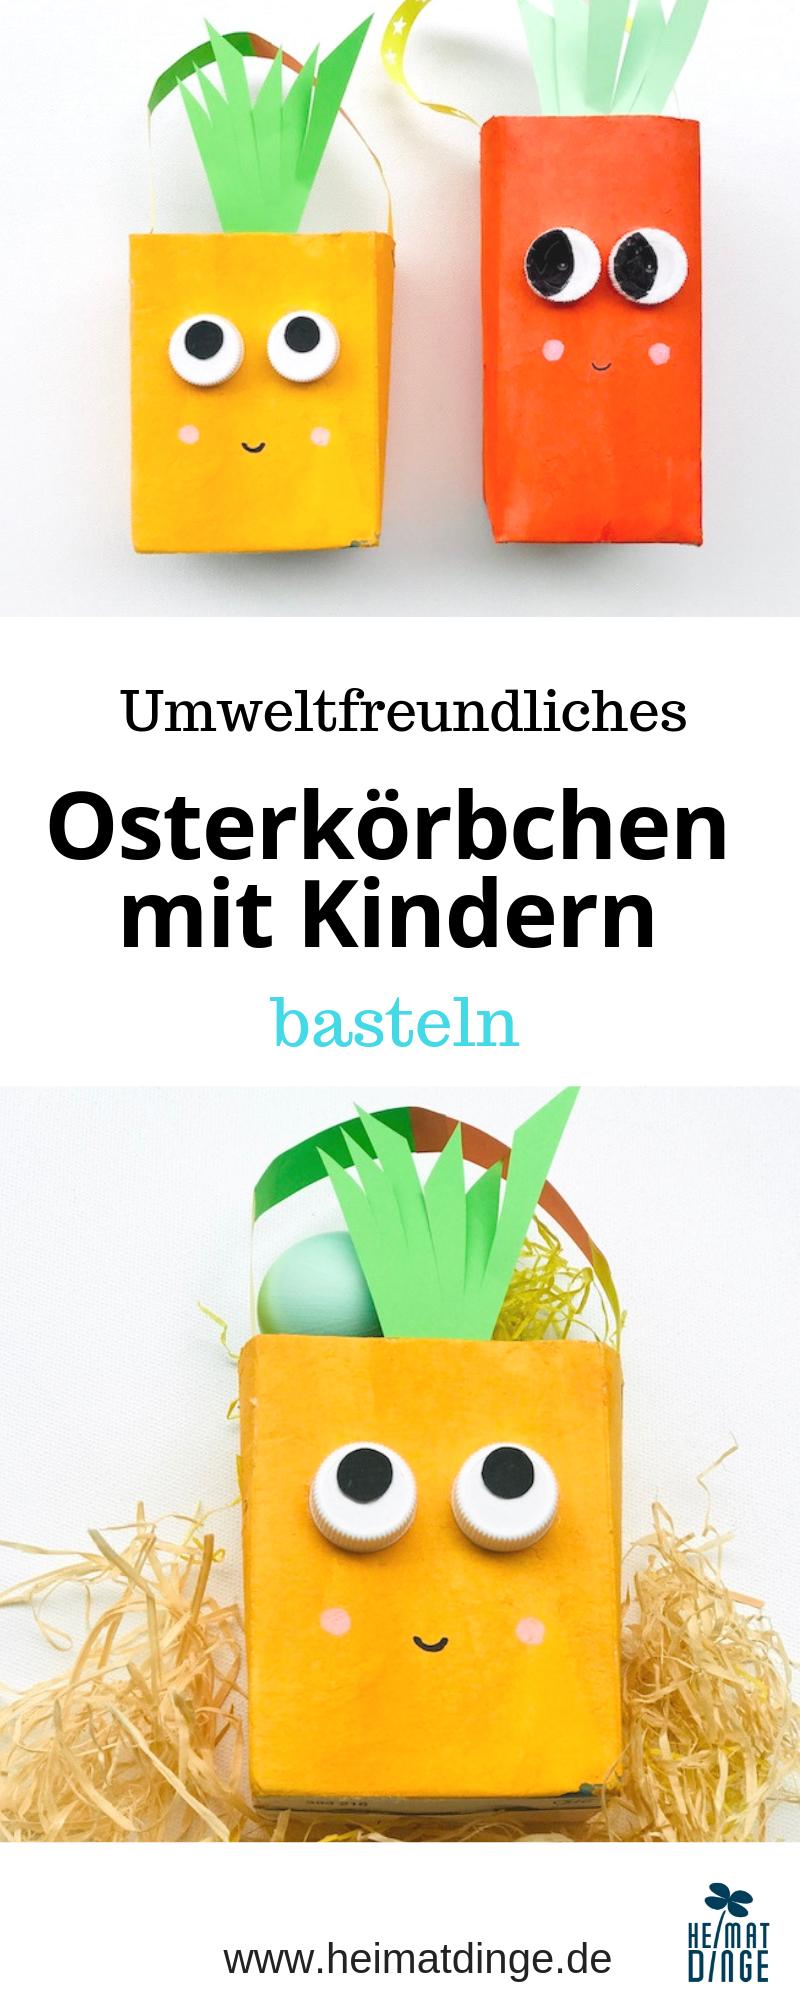 Einfache Osterbastelidee für Kinder: nachhaltigen Osterkorb basteln -